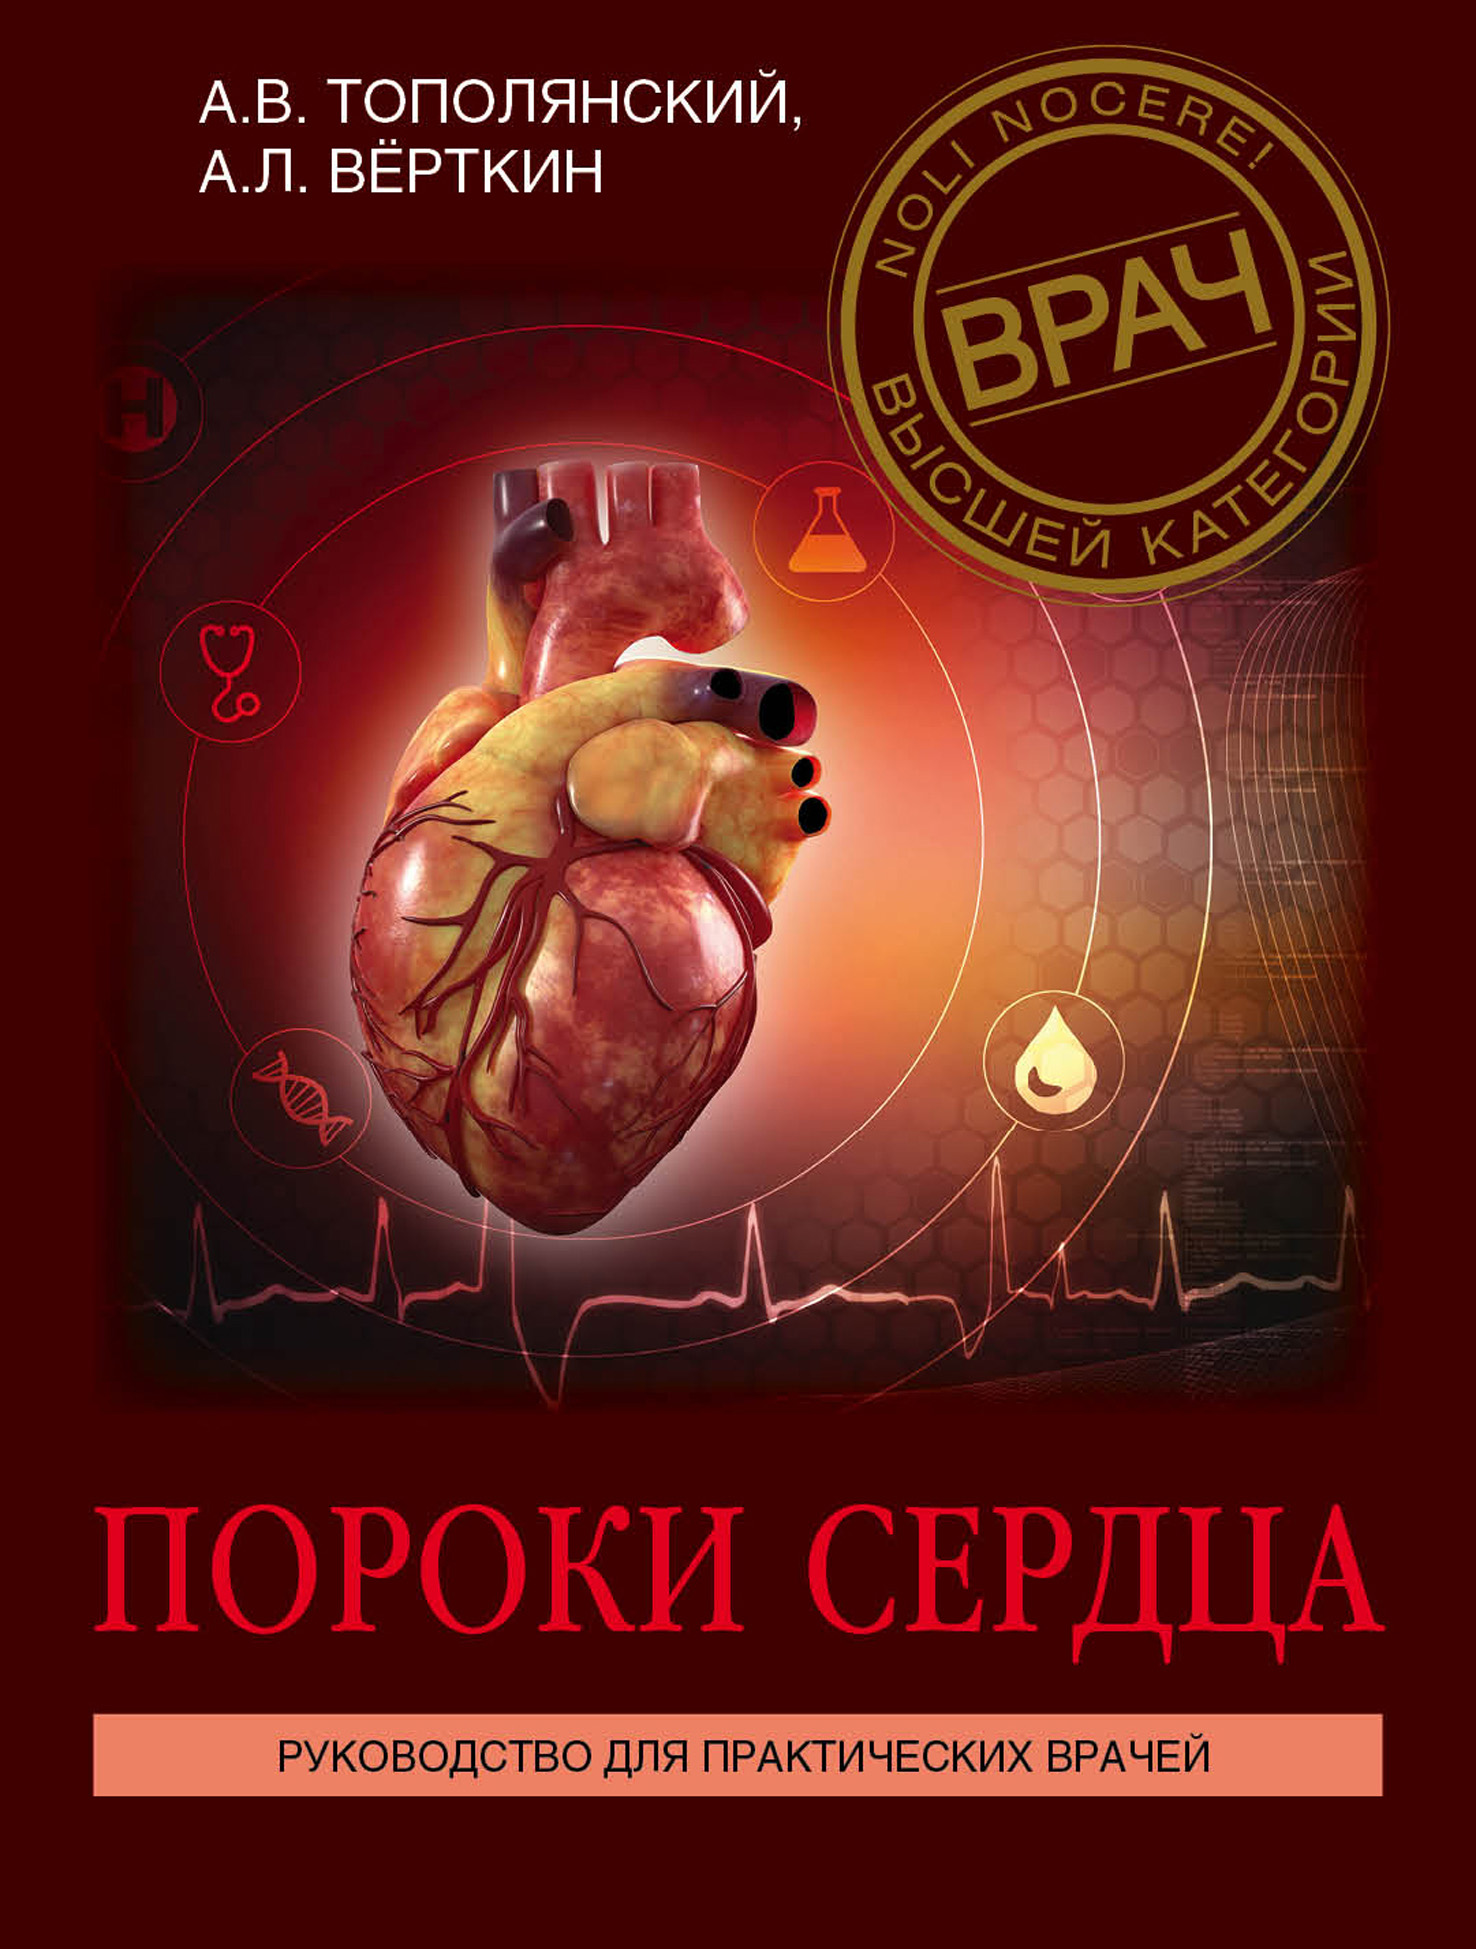 Алексей Тополянский Пороки сердца. Руководство для практических врачей приобретенные пороки сердца